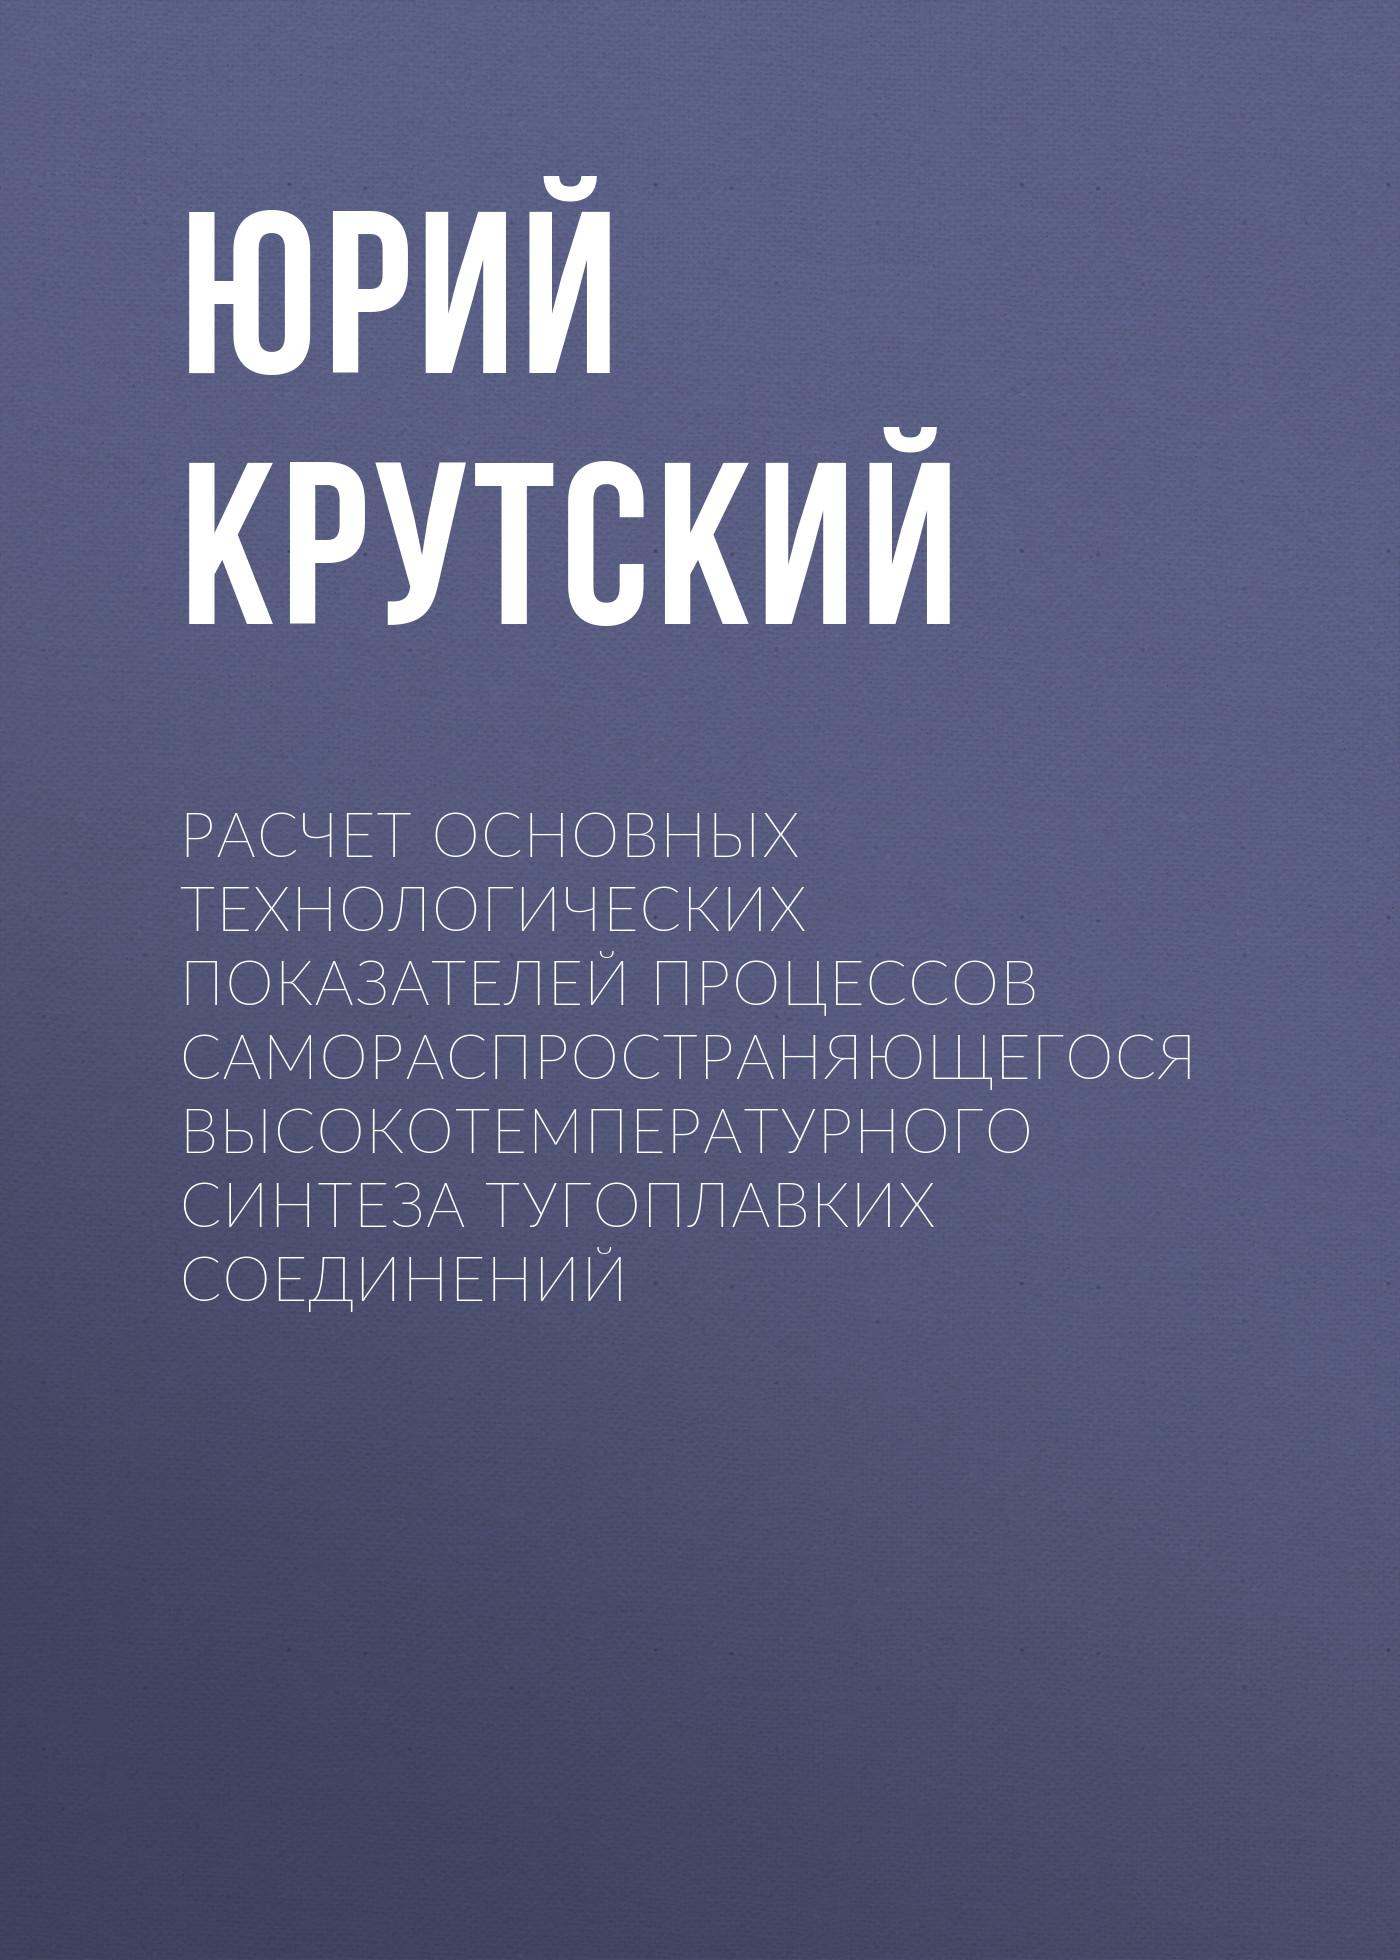 купить Юрий Крутский Расчет основных технологических показателей процессов самораспространяющегося высокотемпературного синтеза тугоплавких соединений по цене 85 рублей